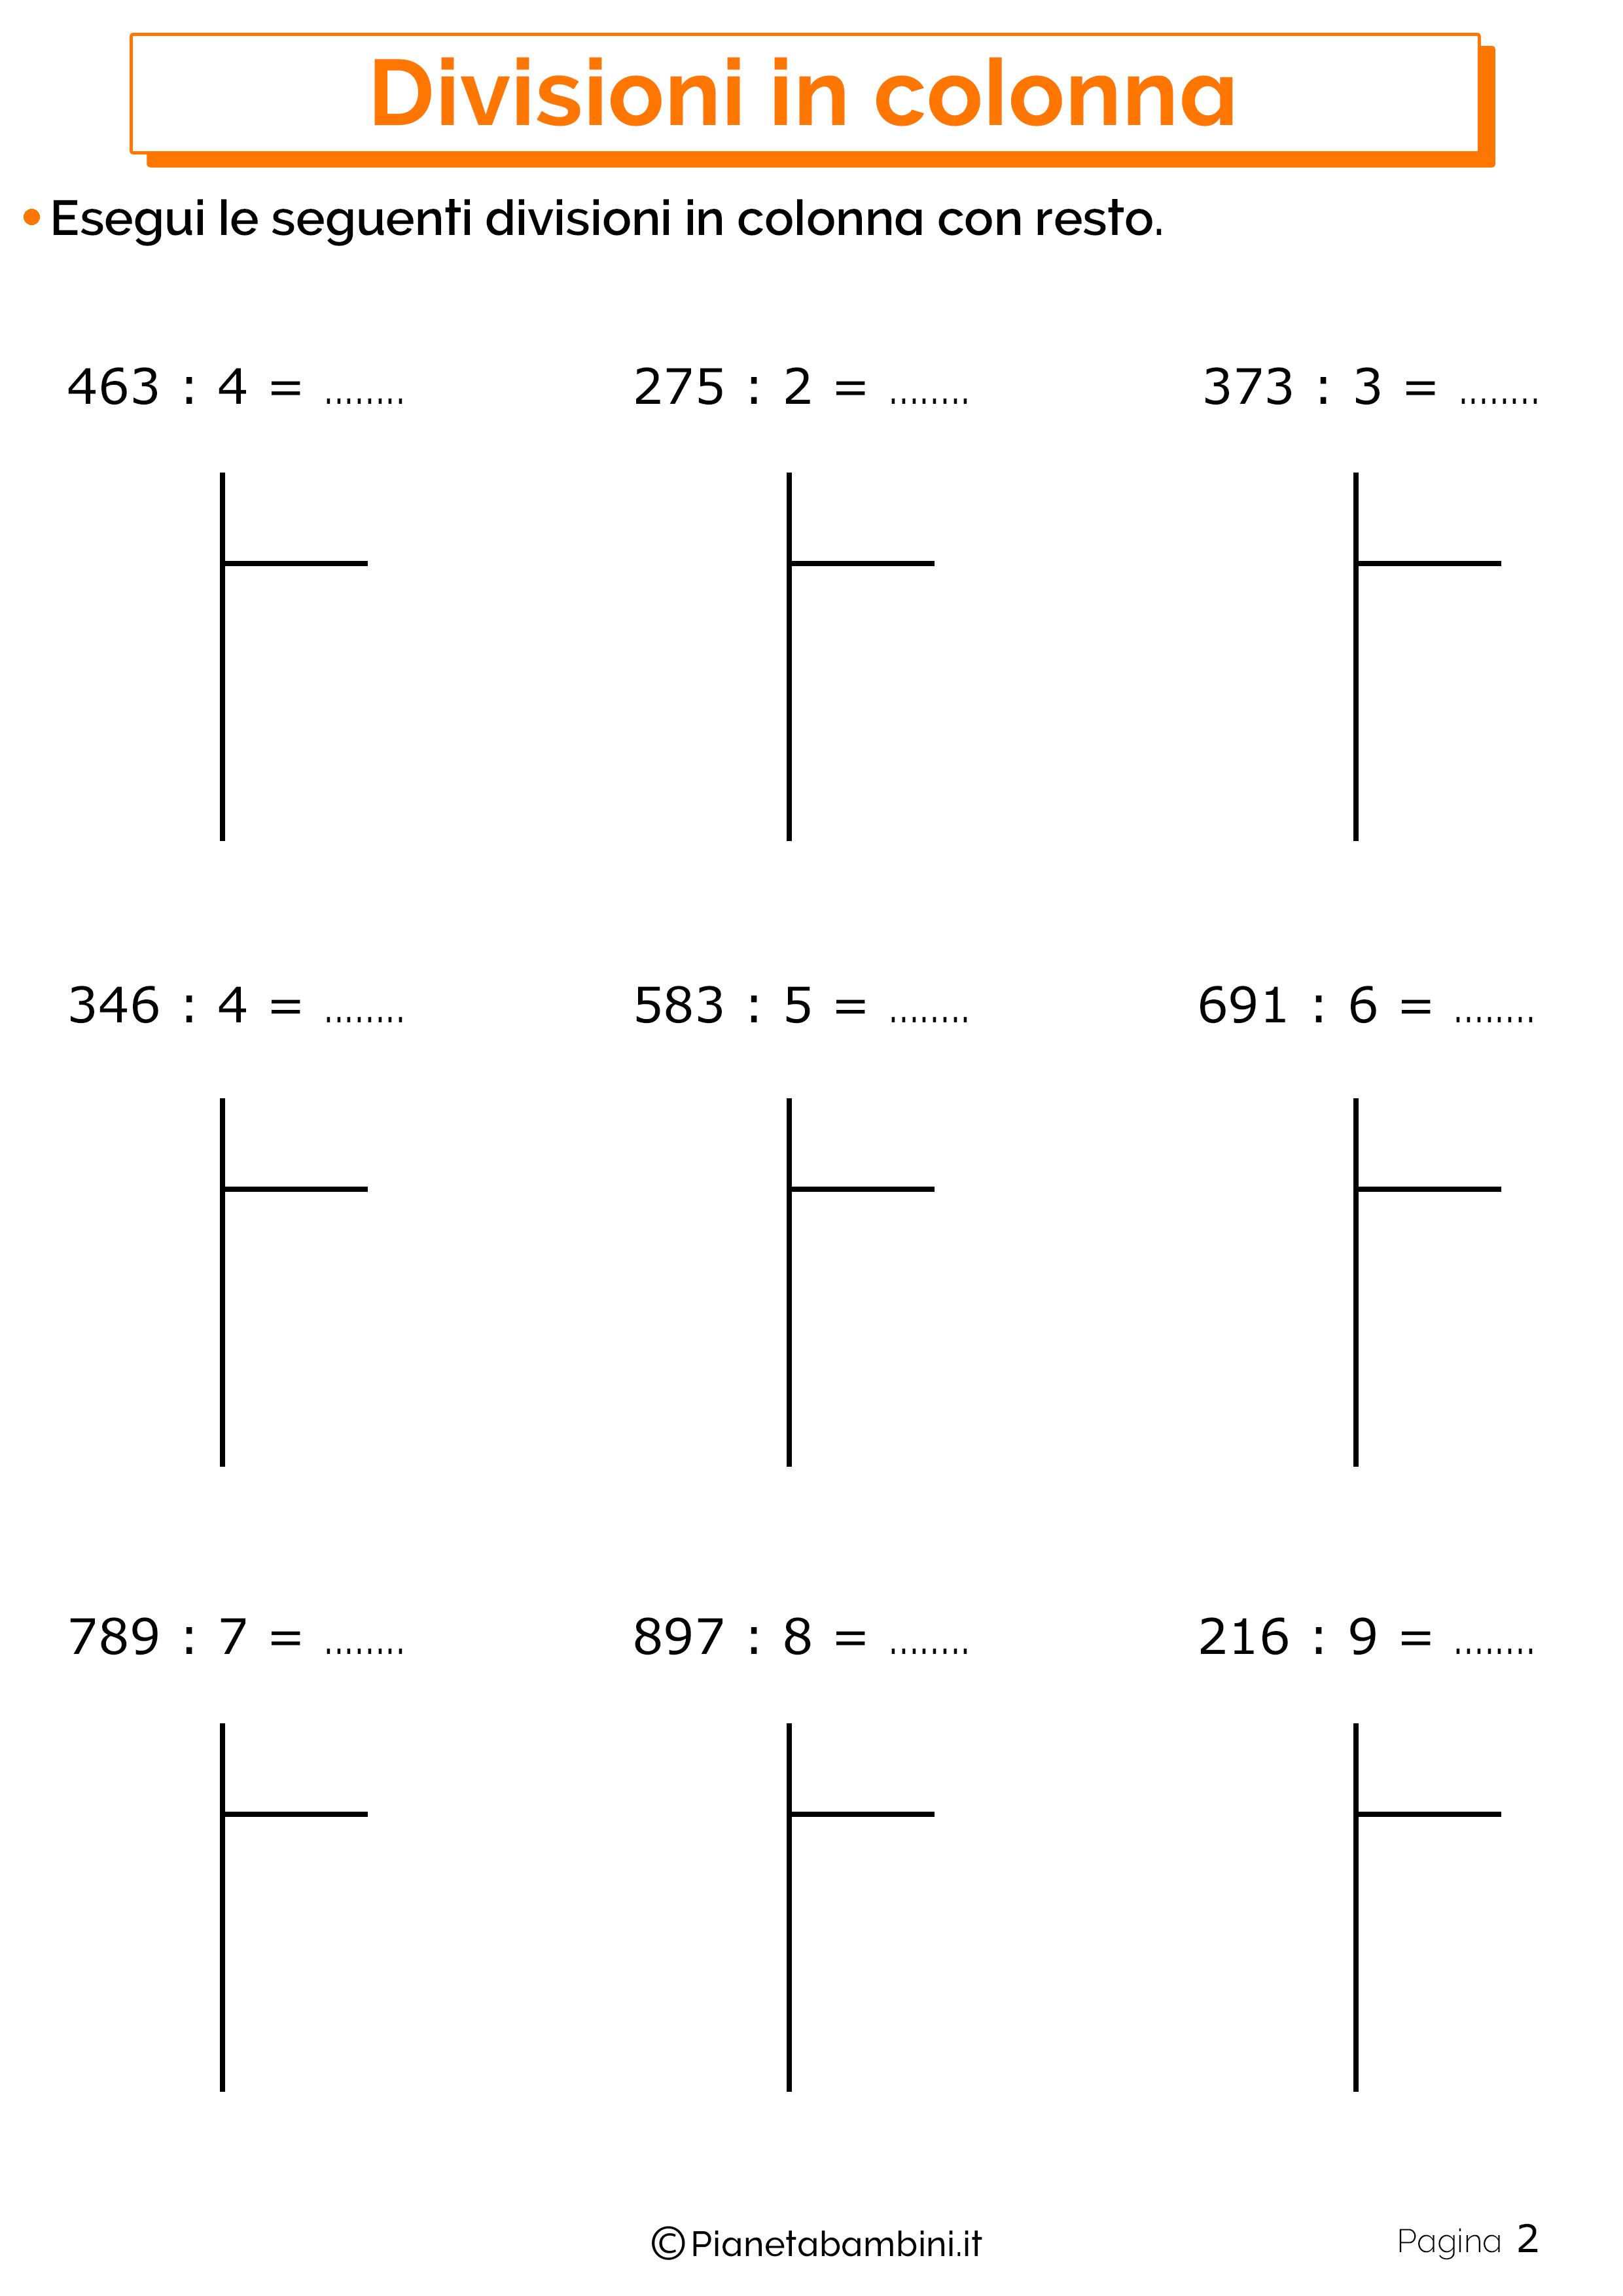 Divisioni in colonna con resto 2